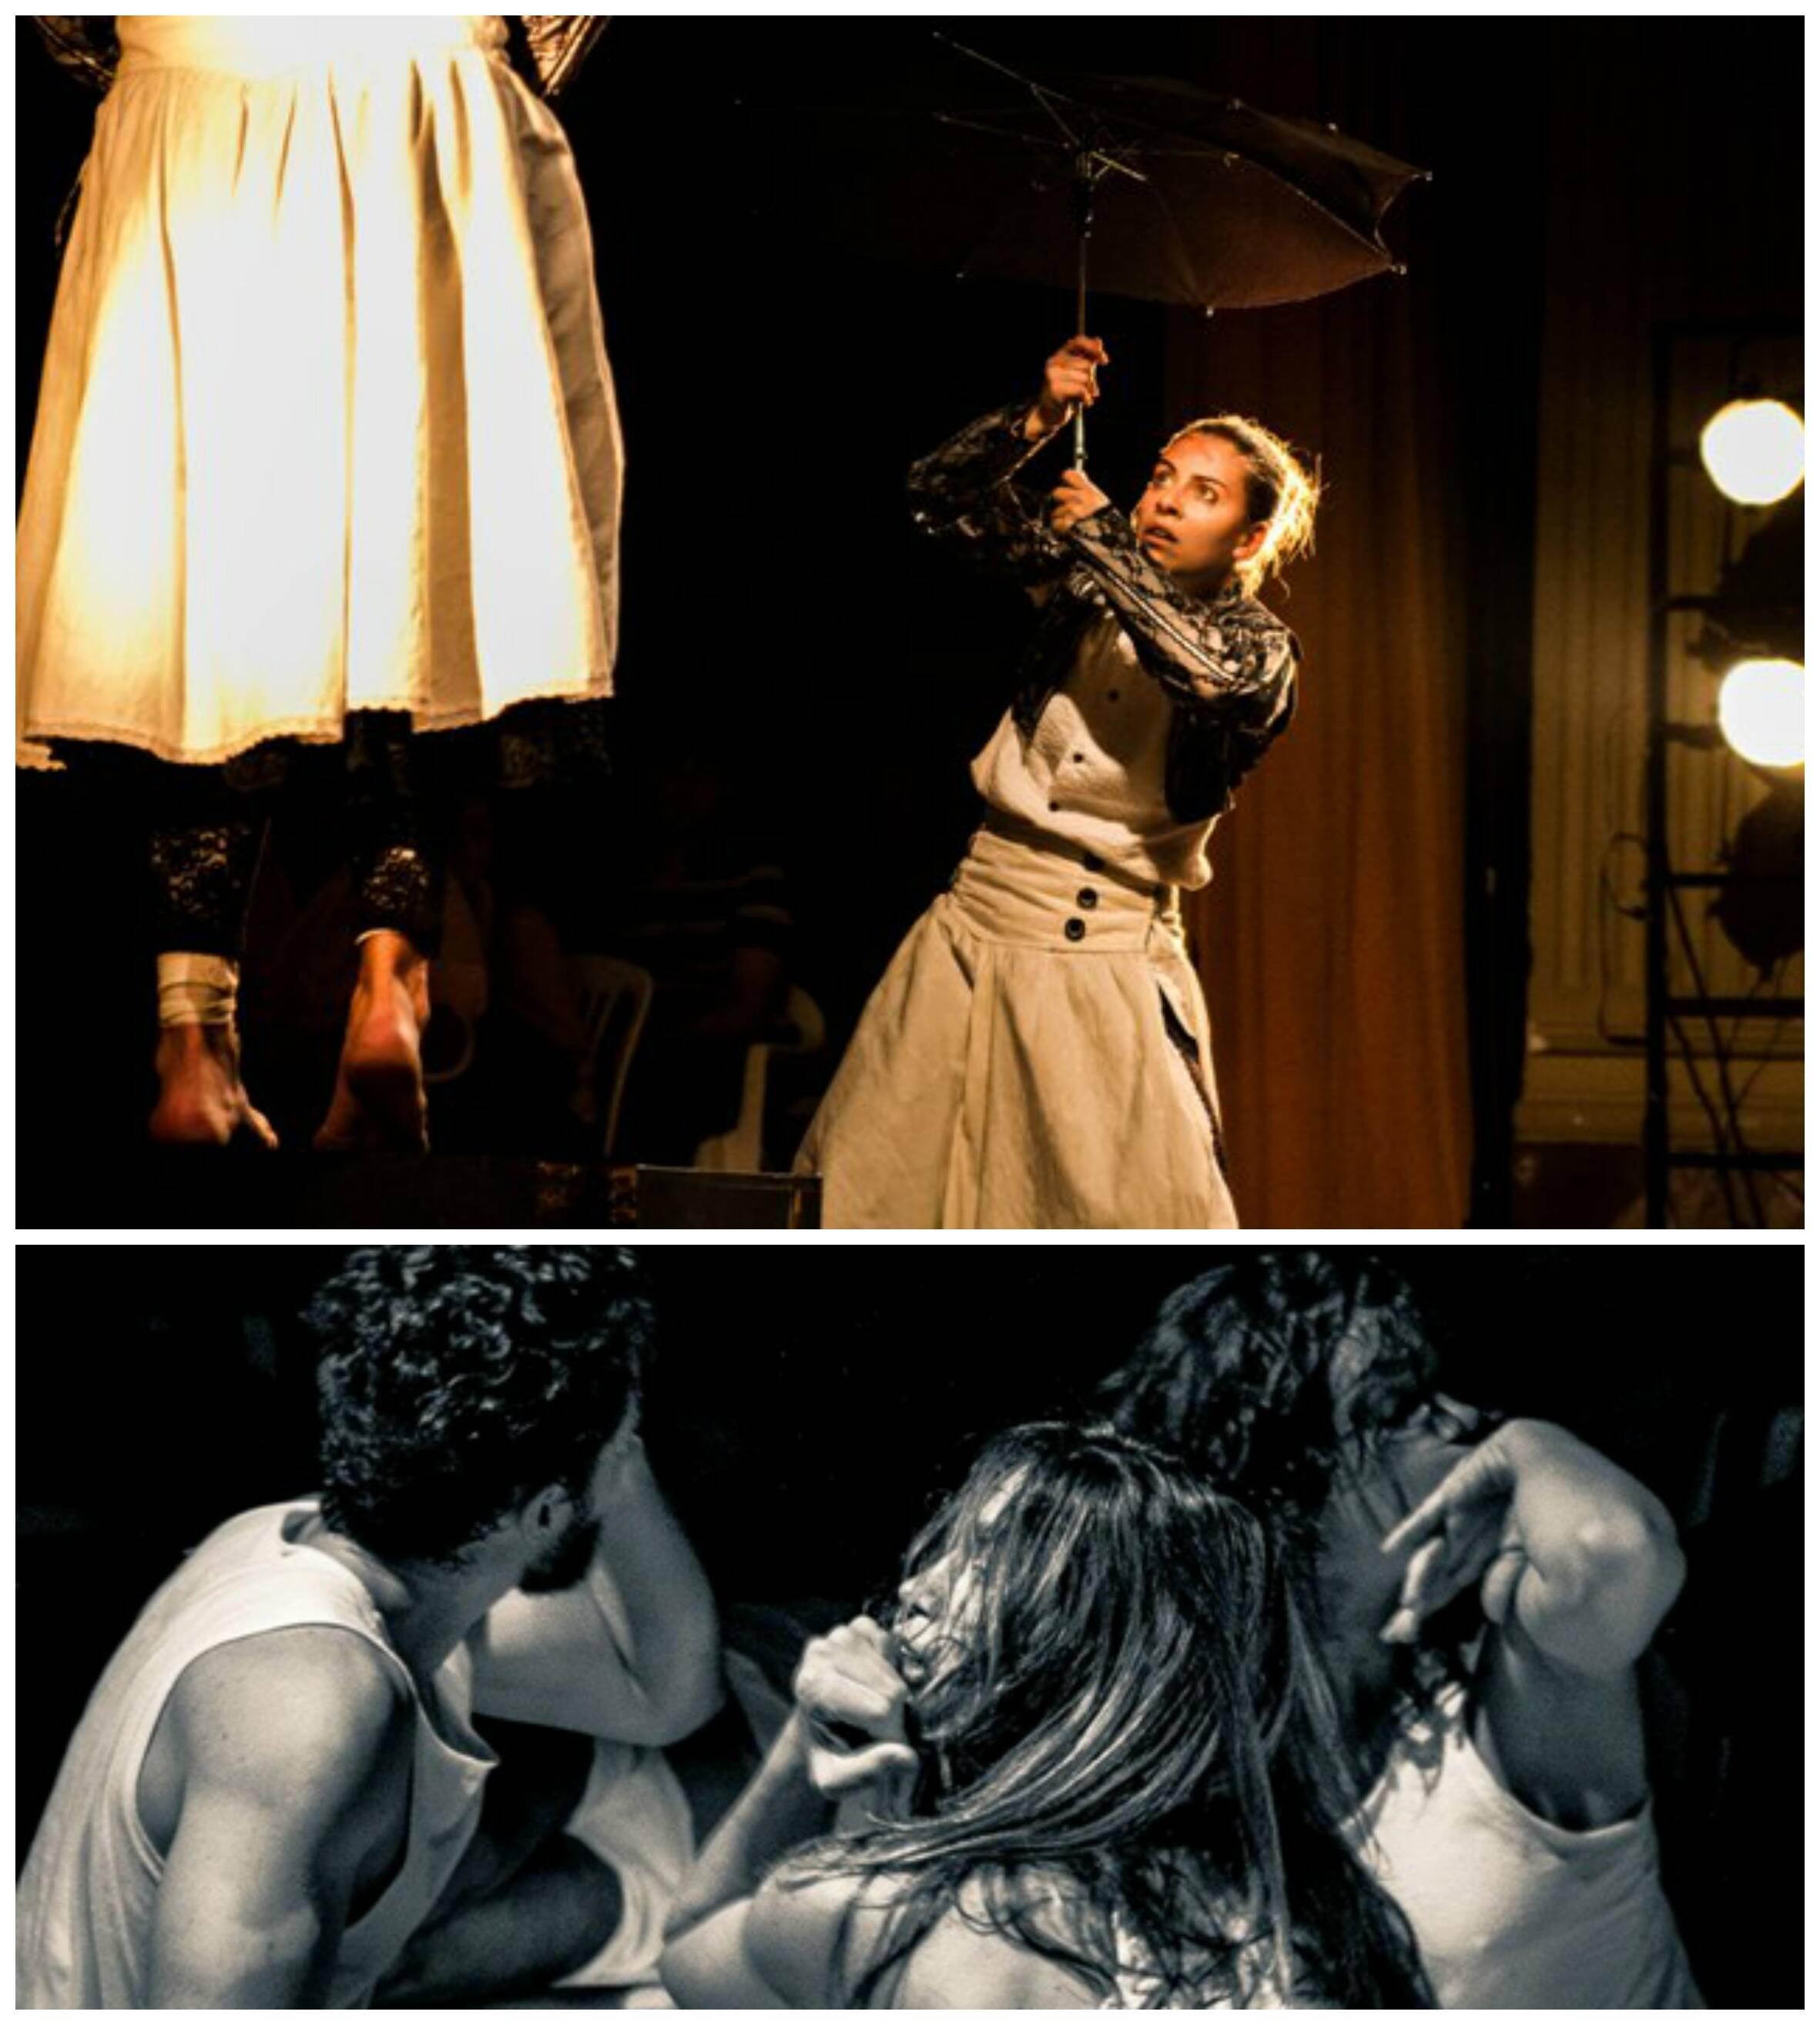 """Cenas de peças que vão ser apresentadas, com entrada franca, no Glauce Rocha: no alto, """"Bernarda por detrás das paredes"""" e, acima, """"Insone"""" / Fotos: divulgação"""